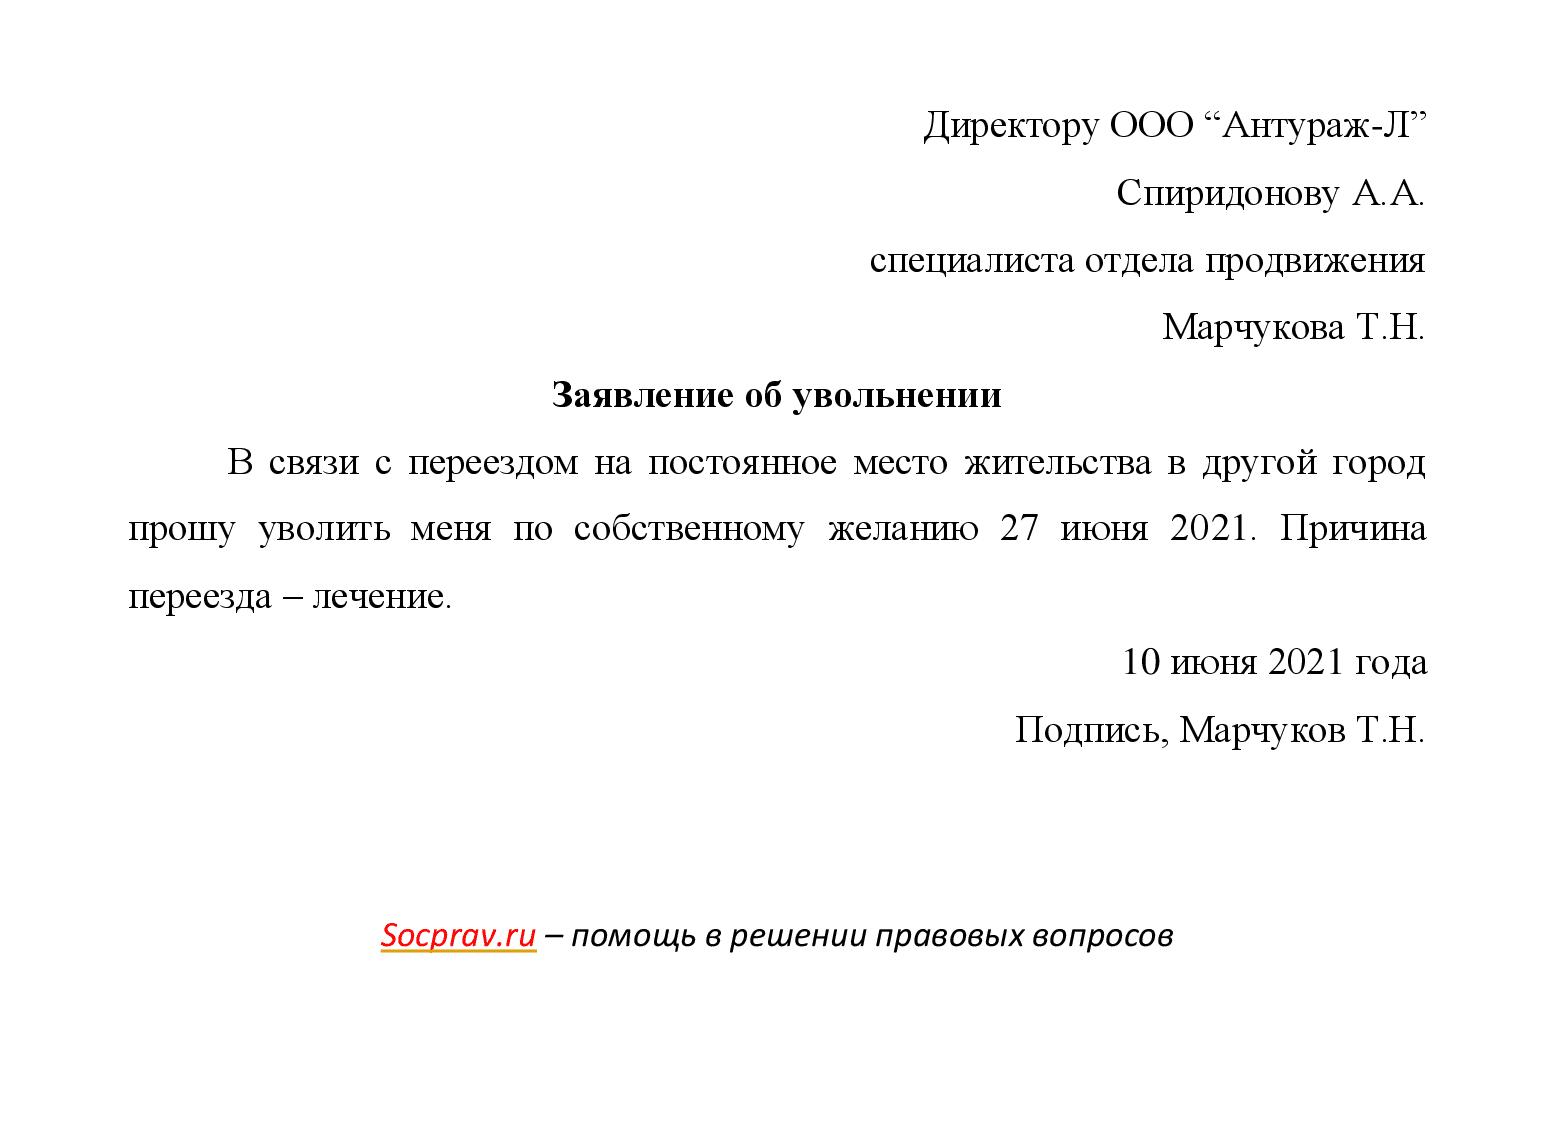 Заявление об увольнении в связи с переездом в другой город